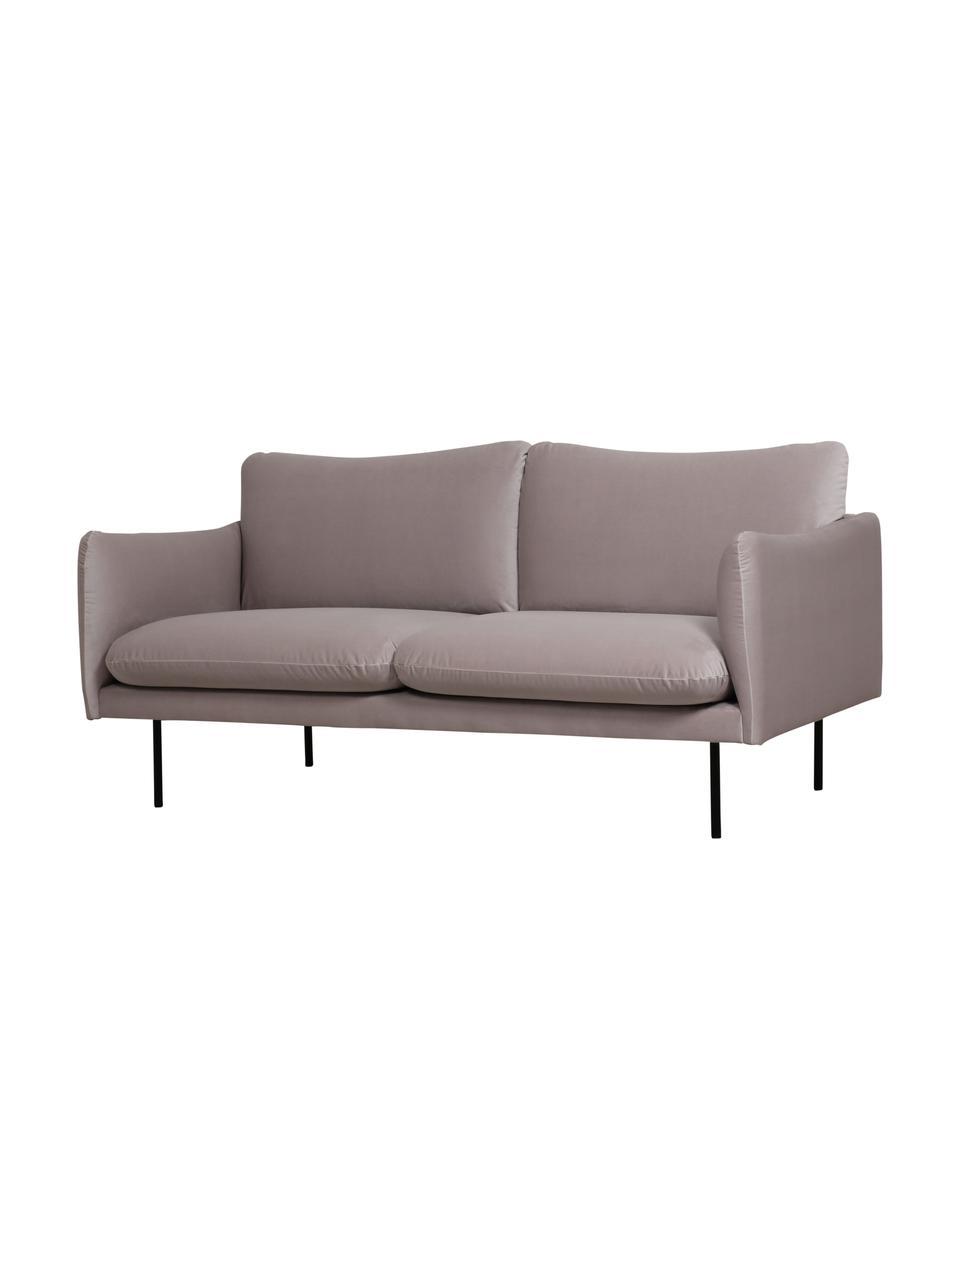 Canapé 2places velours taupe avec pieds en métal Moby, Velours beige